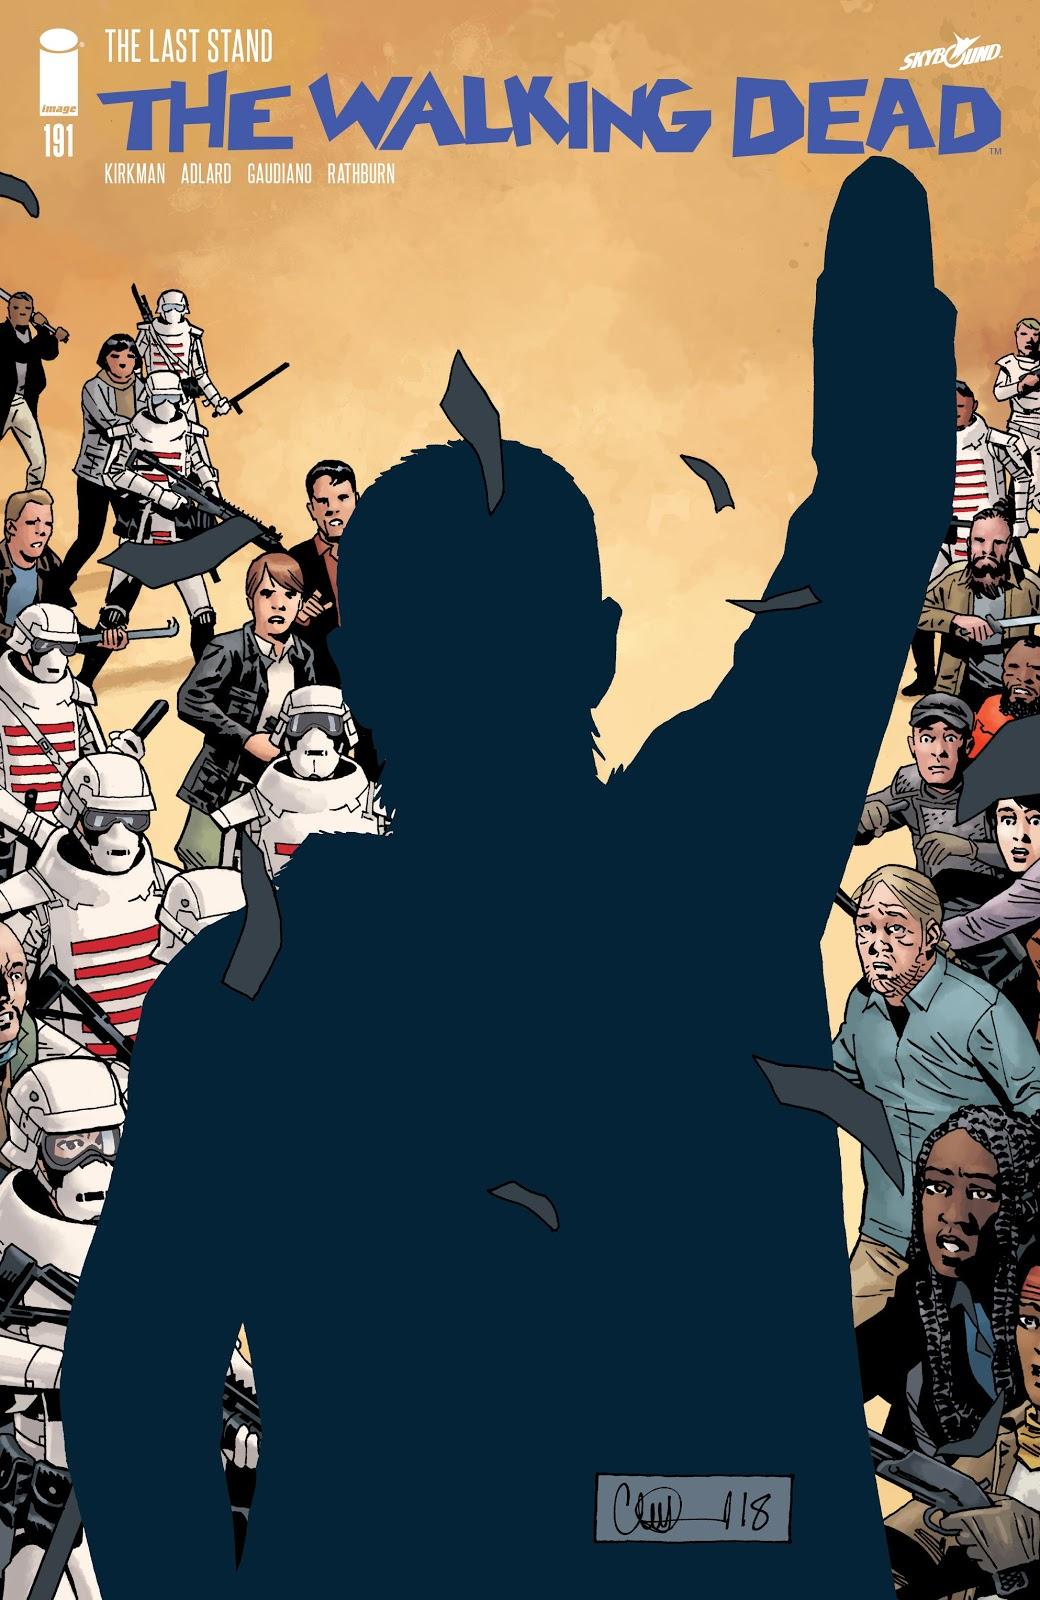 Мнение. Сновым выпуском комикса «Ходячие мертвецы» изменились навсегда | Канобу - Изображение 2685